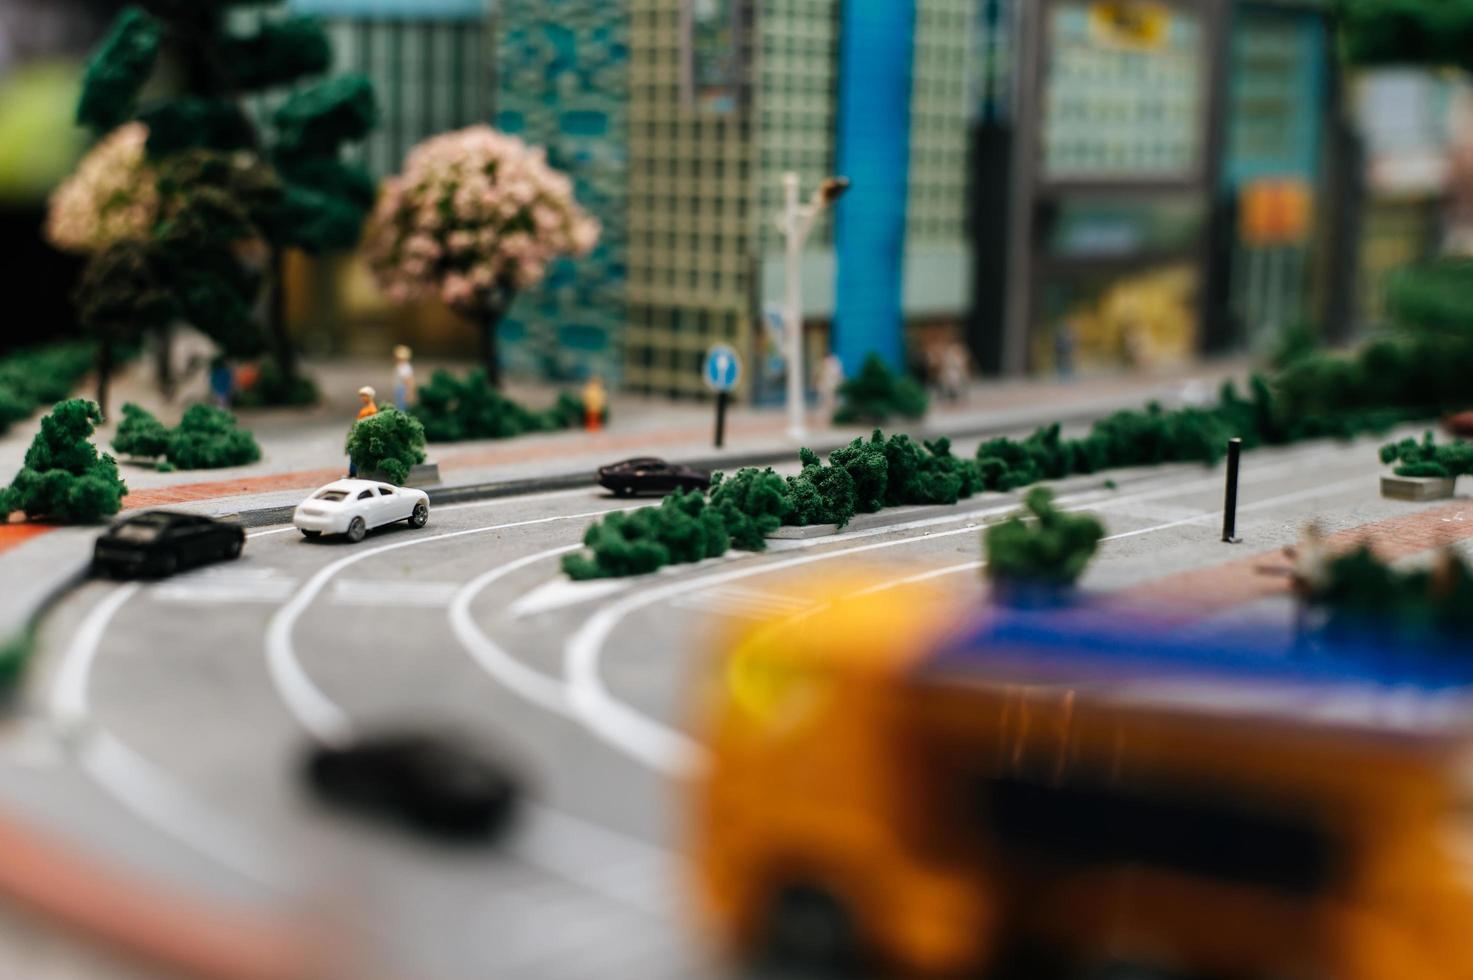 Close-up of miniature city landscape photo